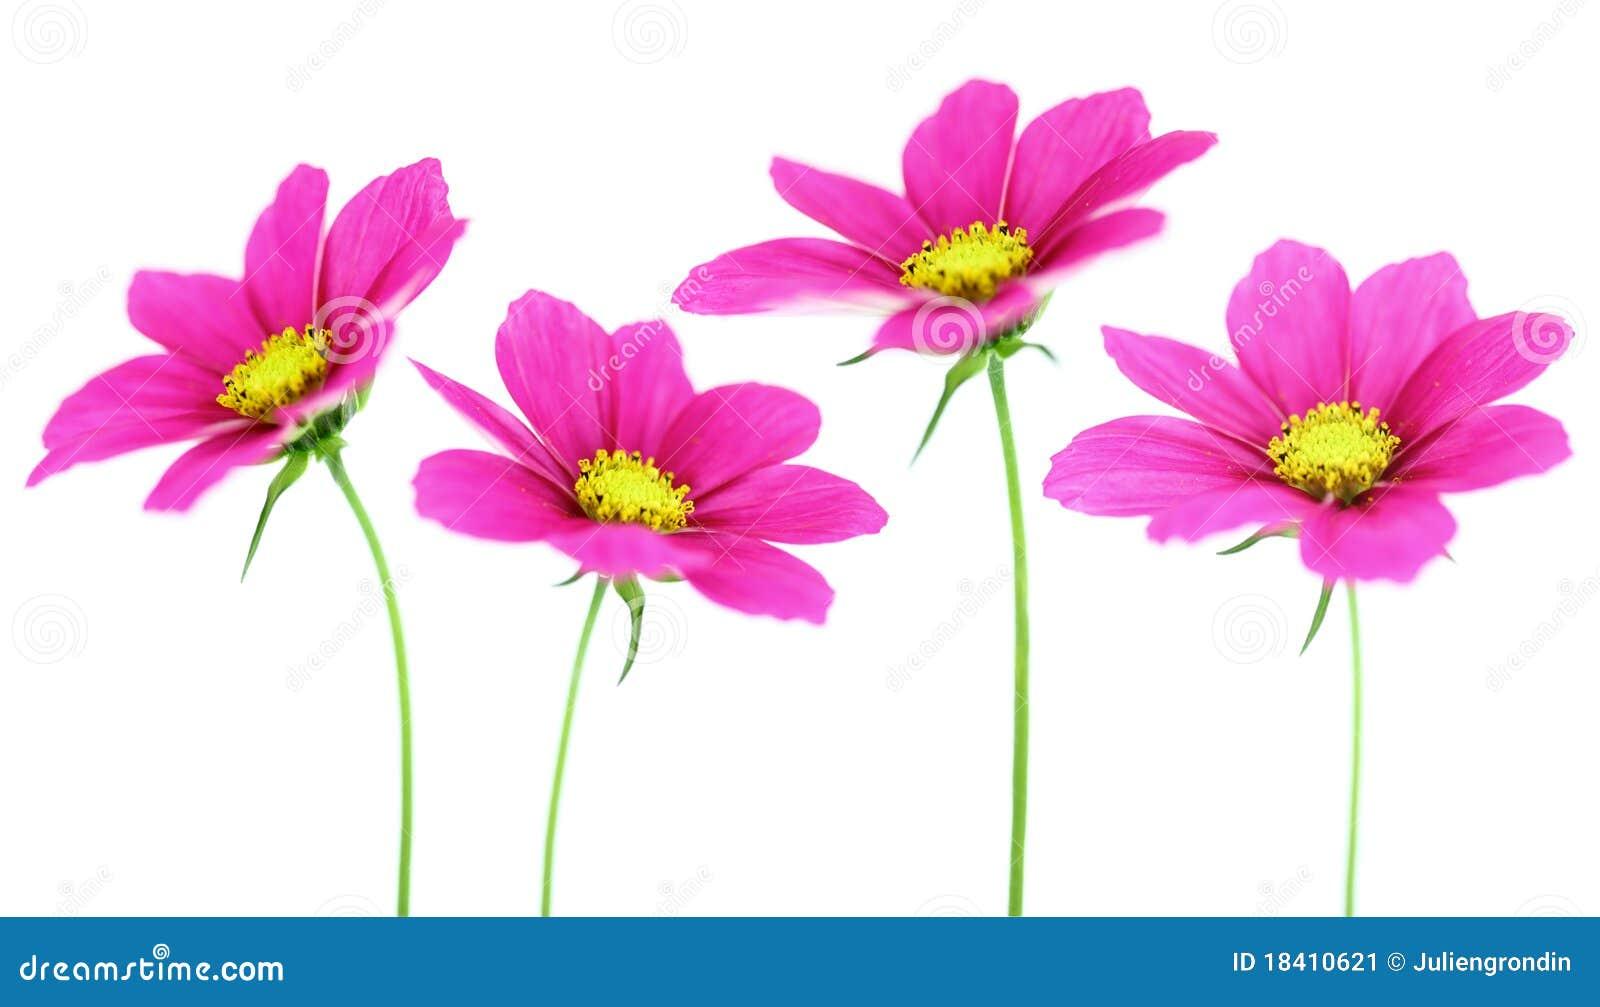 Composition de fleur image stock image 18410621 - Composition de fleur ...